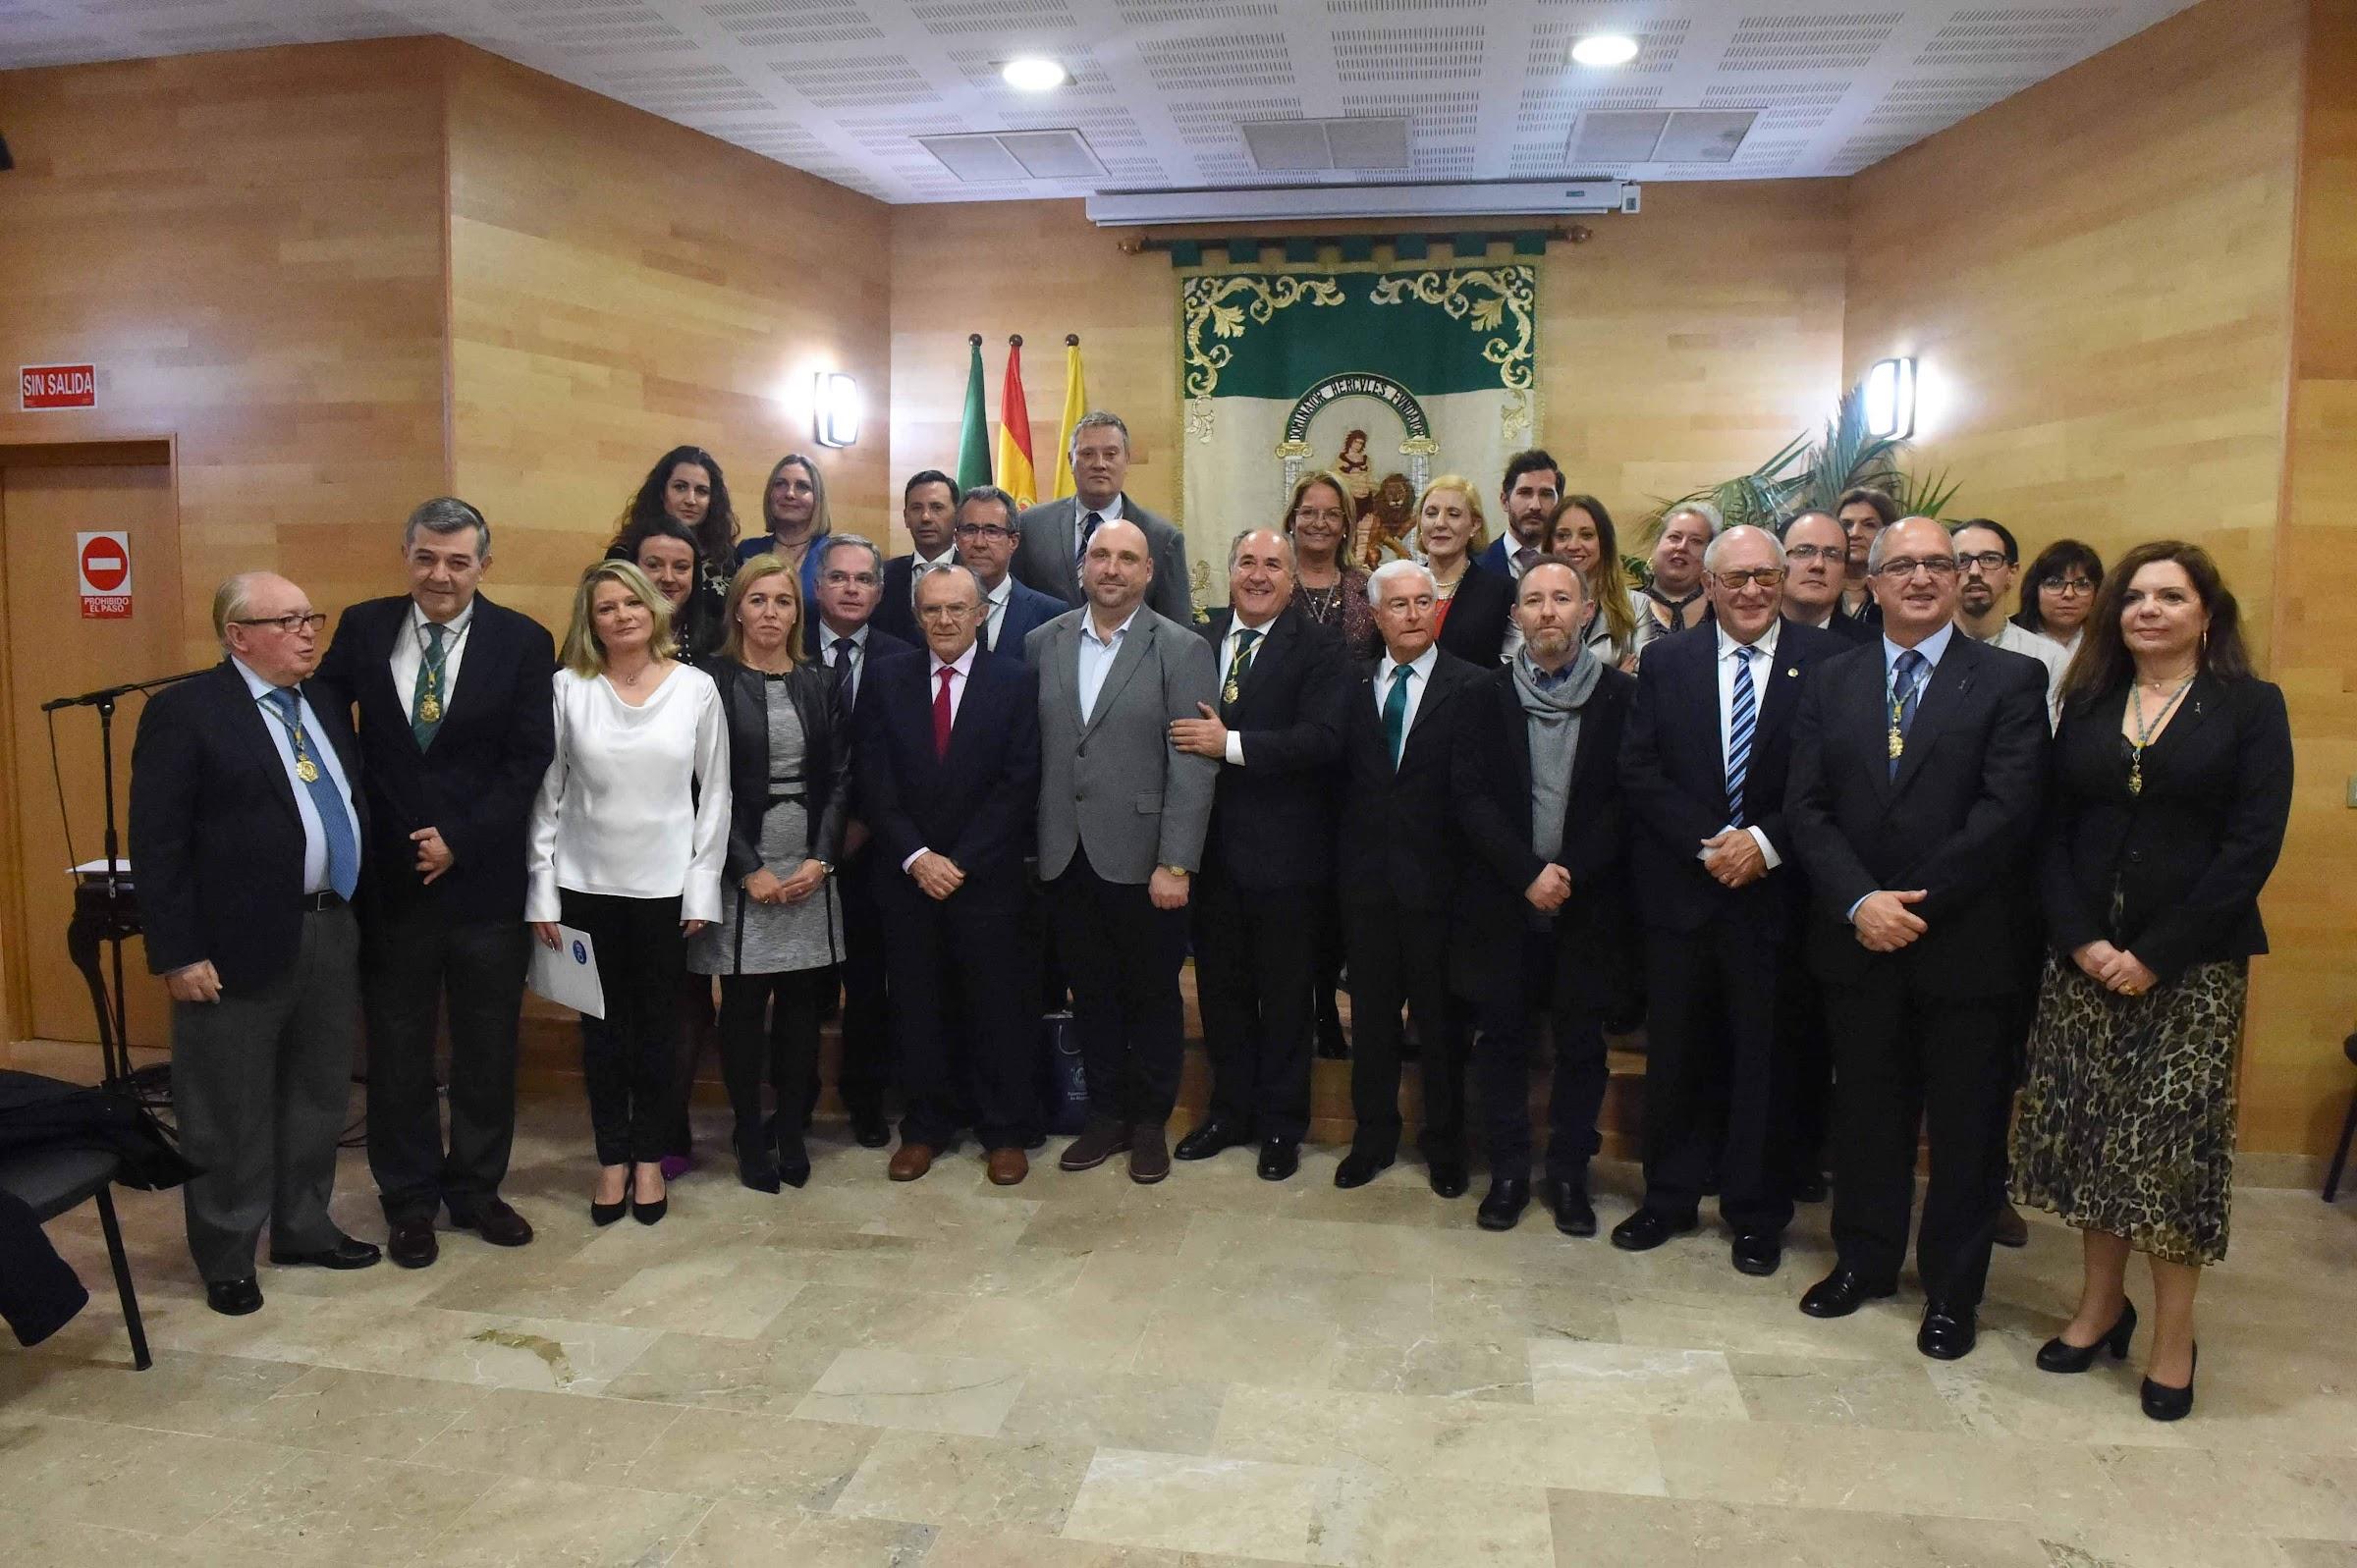 Entregadas las distinciones con motivo de la celebración del Día de Andalucía